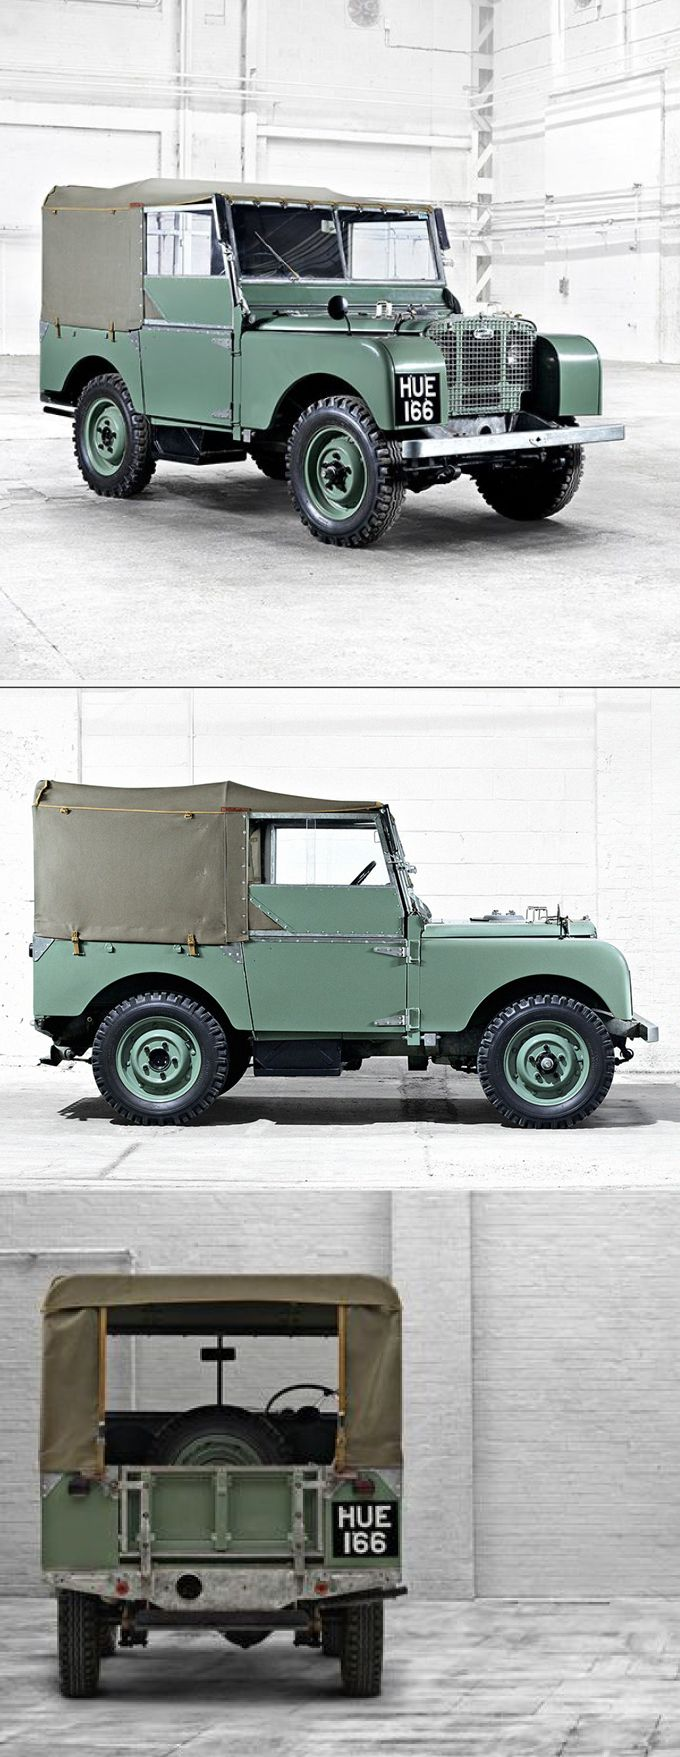 1948 land rover series i hue166 uk green 17 352